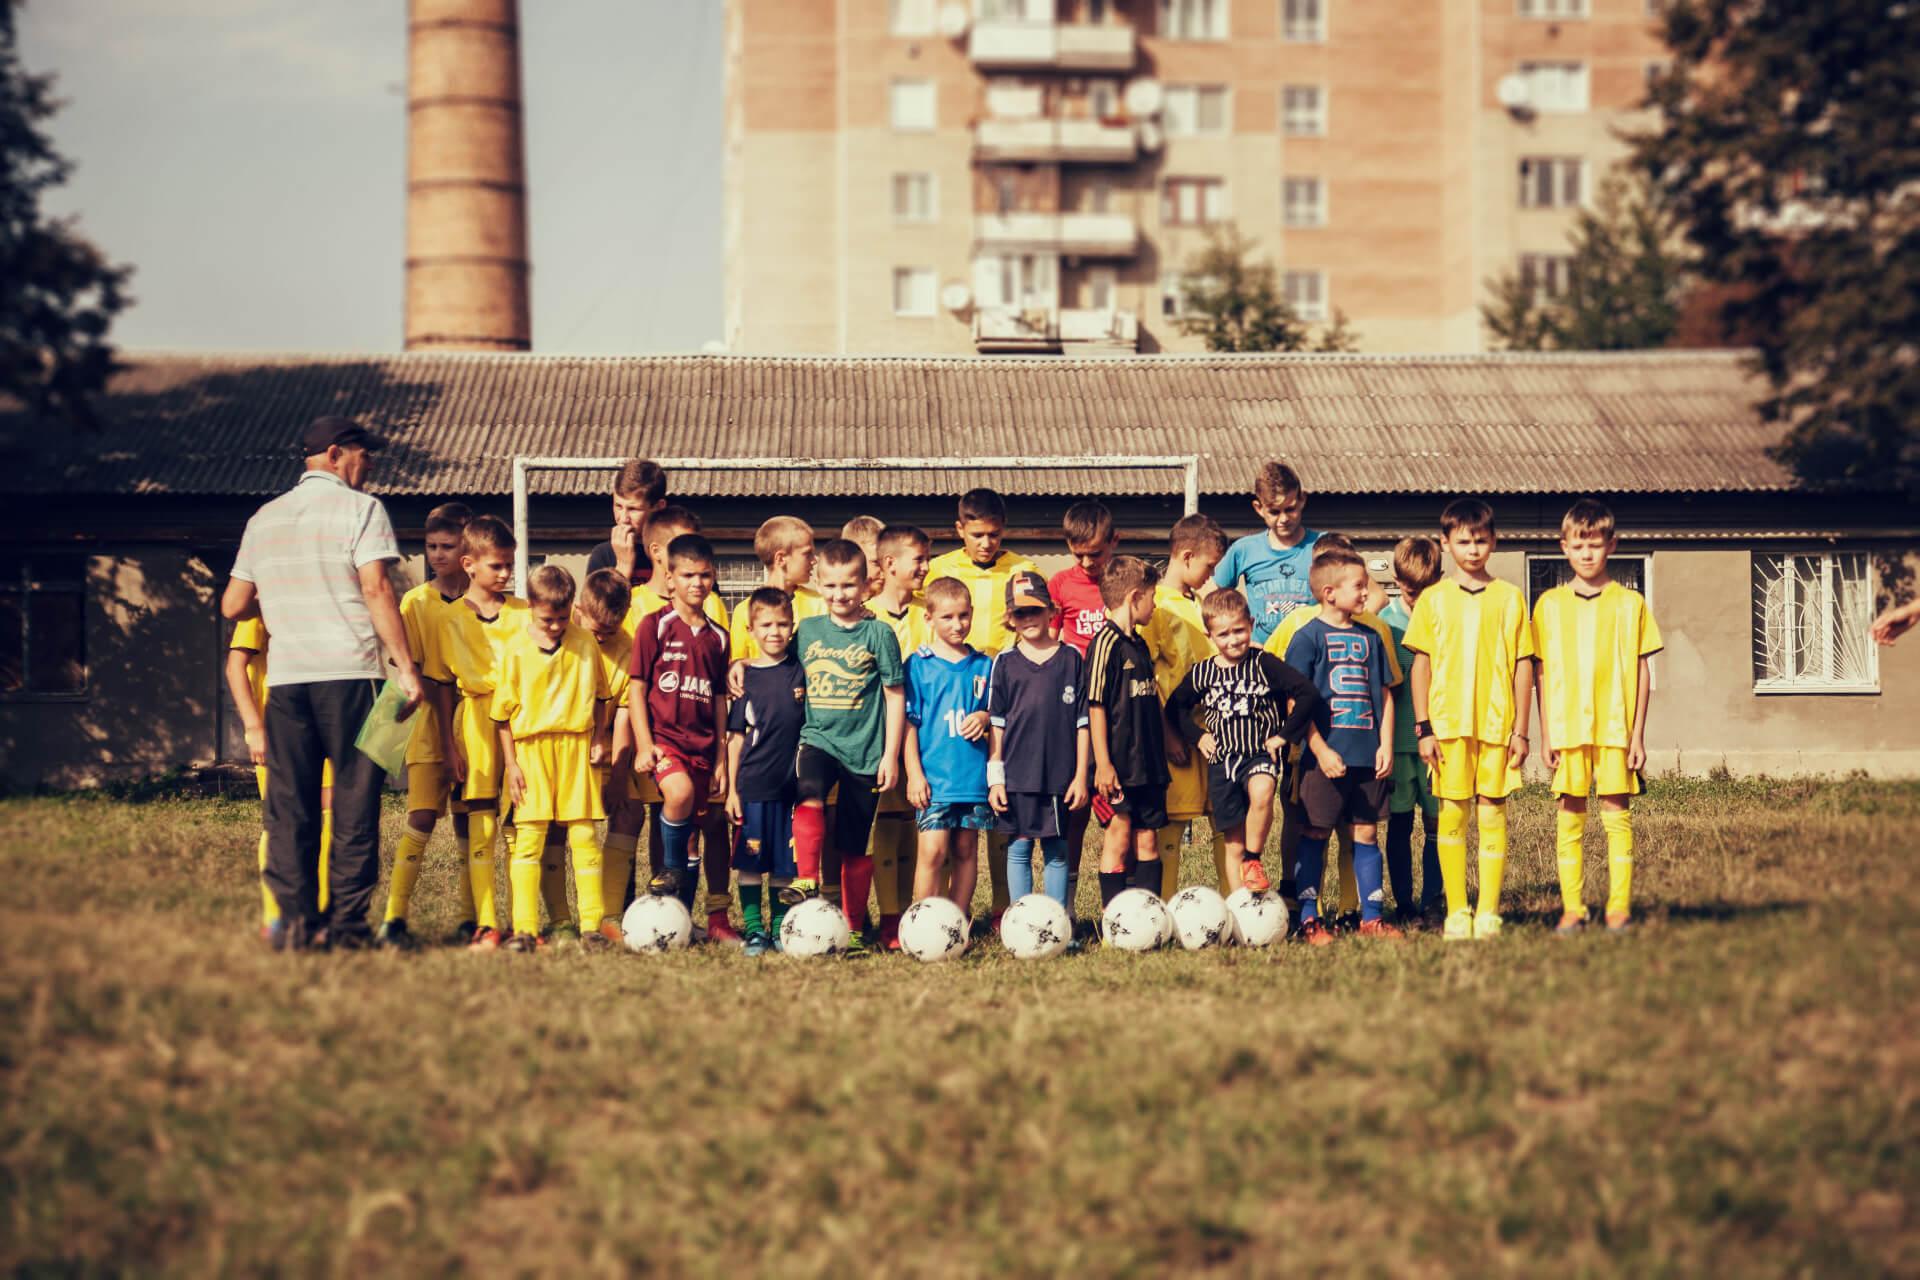 У Коломиї створили футбольний клуб, який готуватиме професійних футболістів